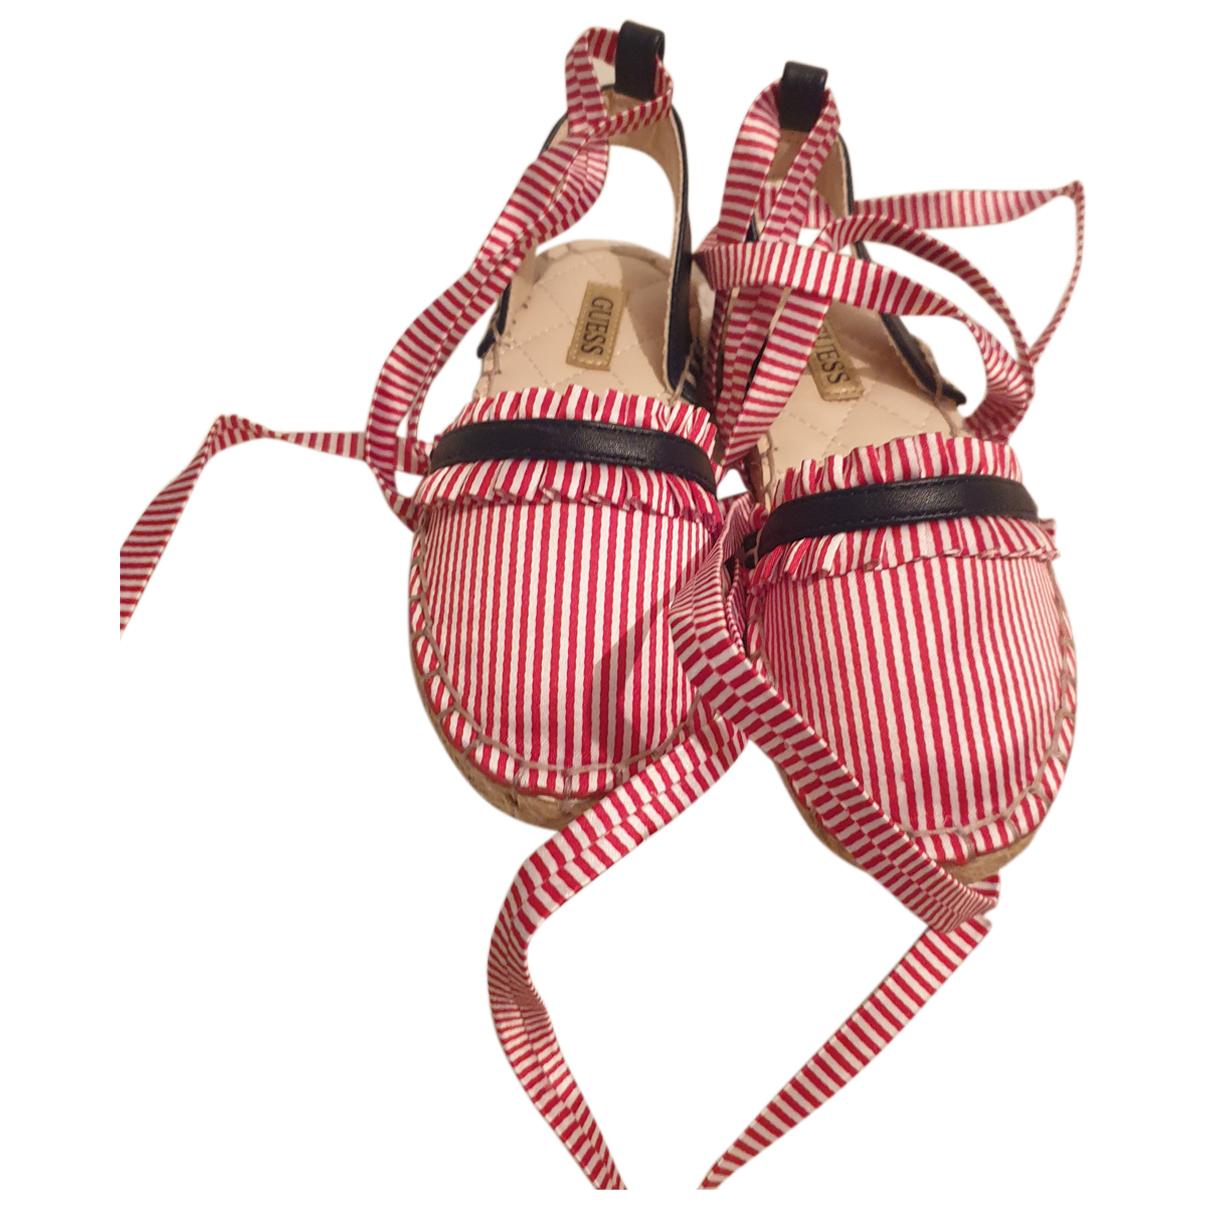 Guess - Sandales   pour enfant - multicolore